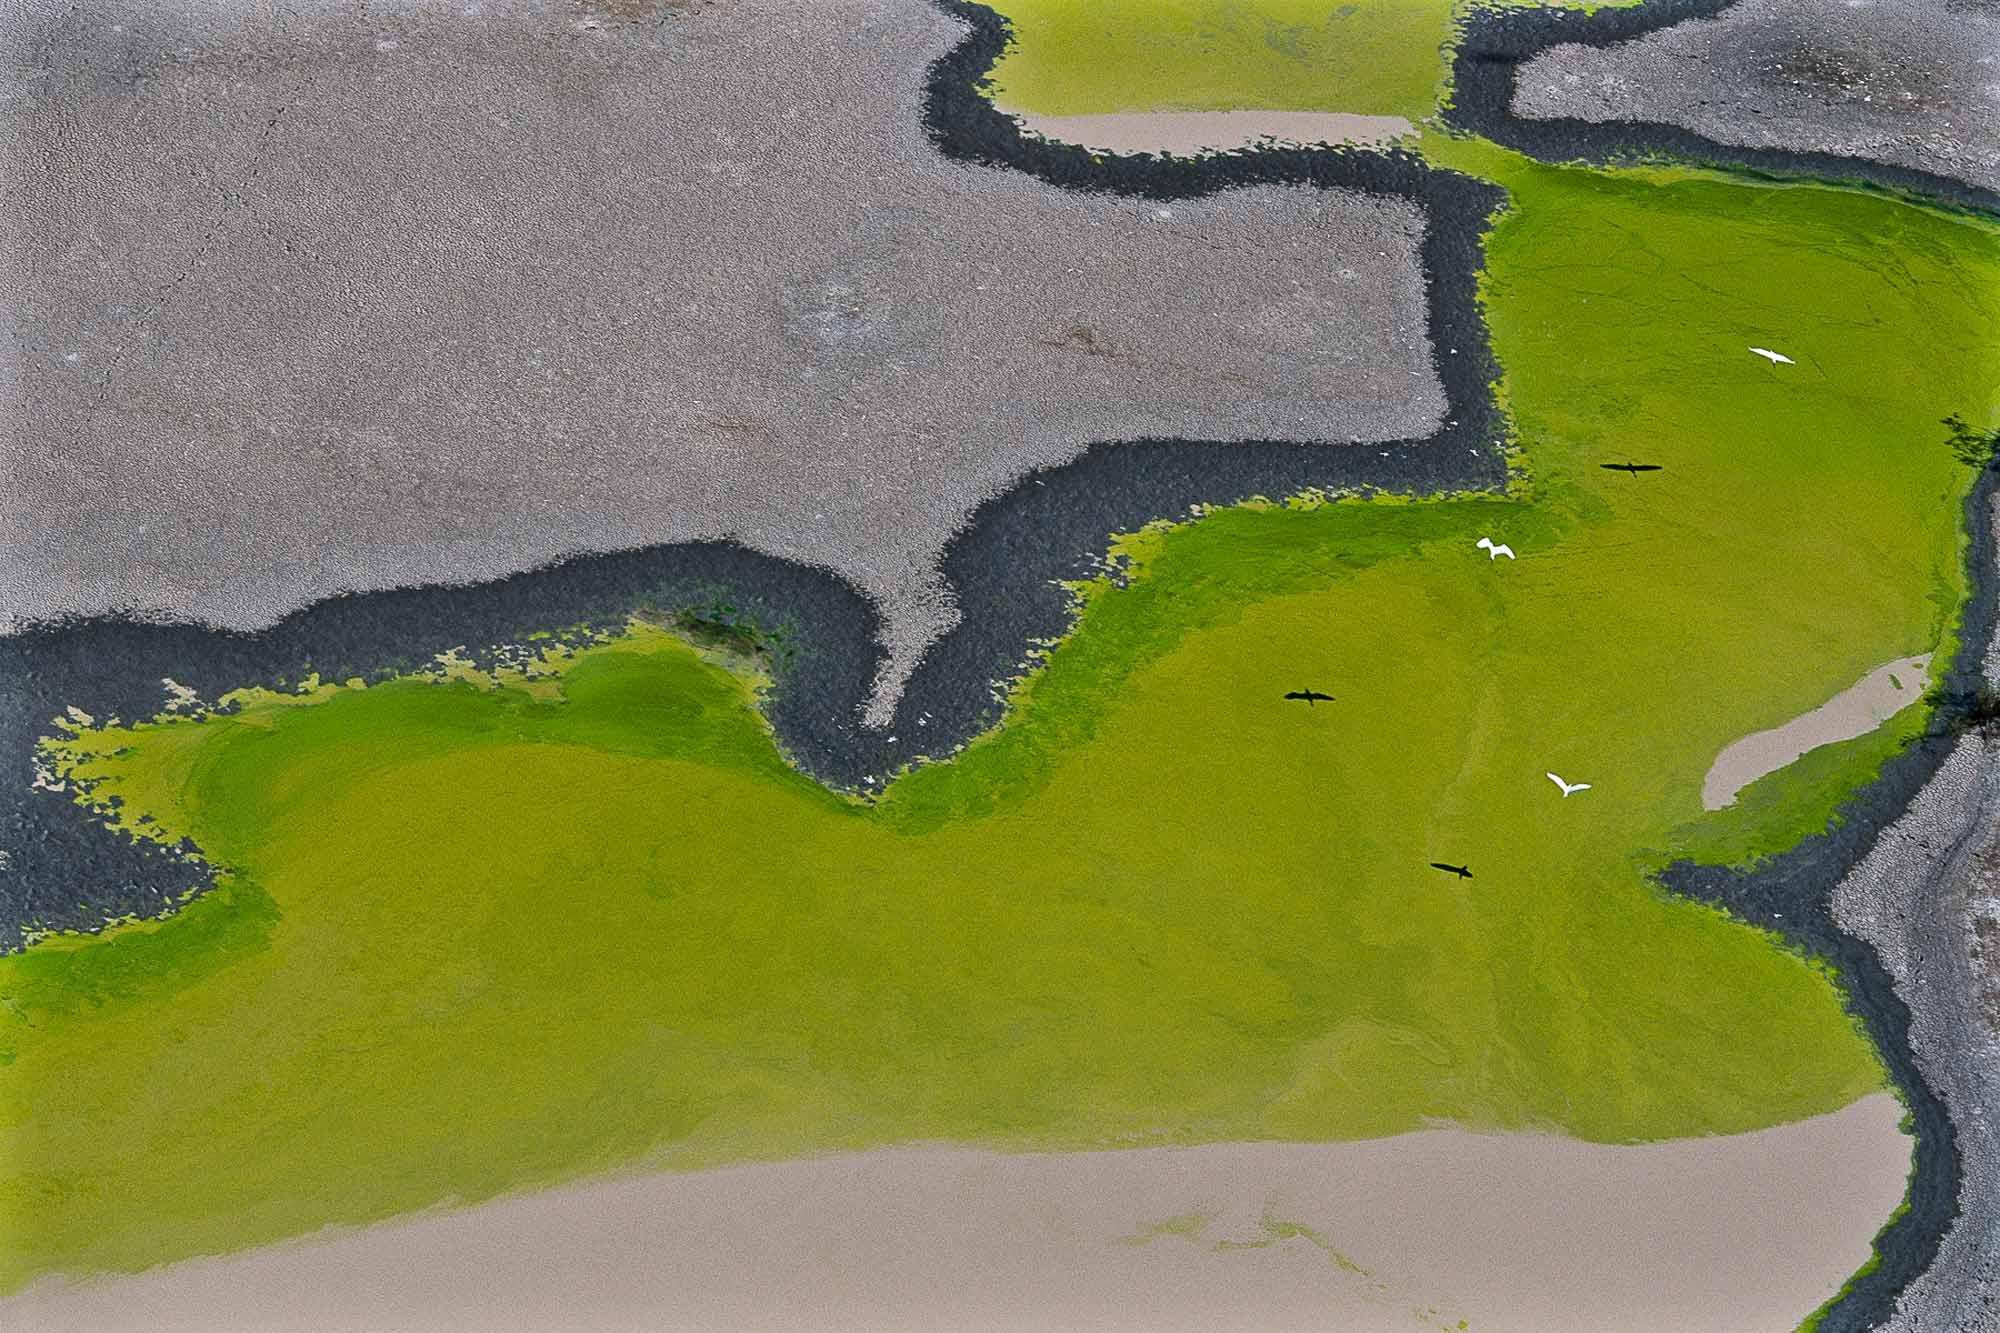 Mangrove - Yann Arthus-Bertrand